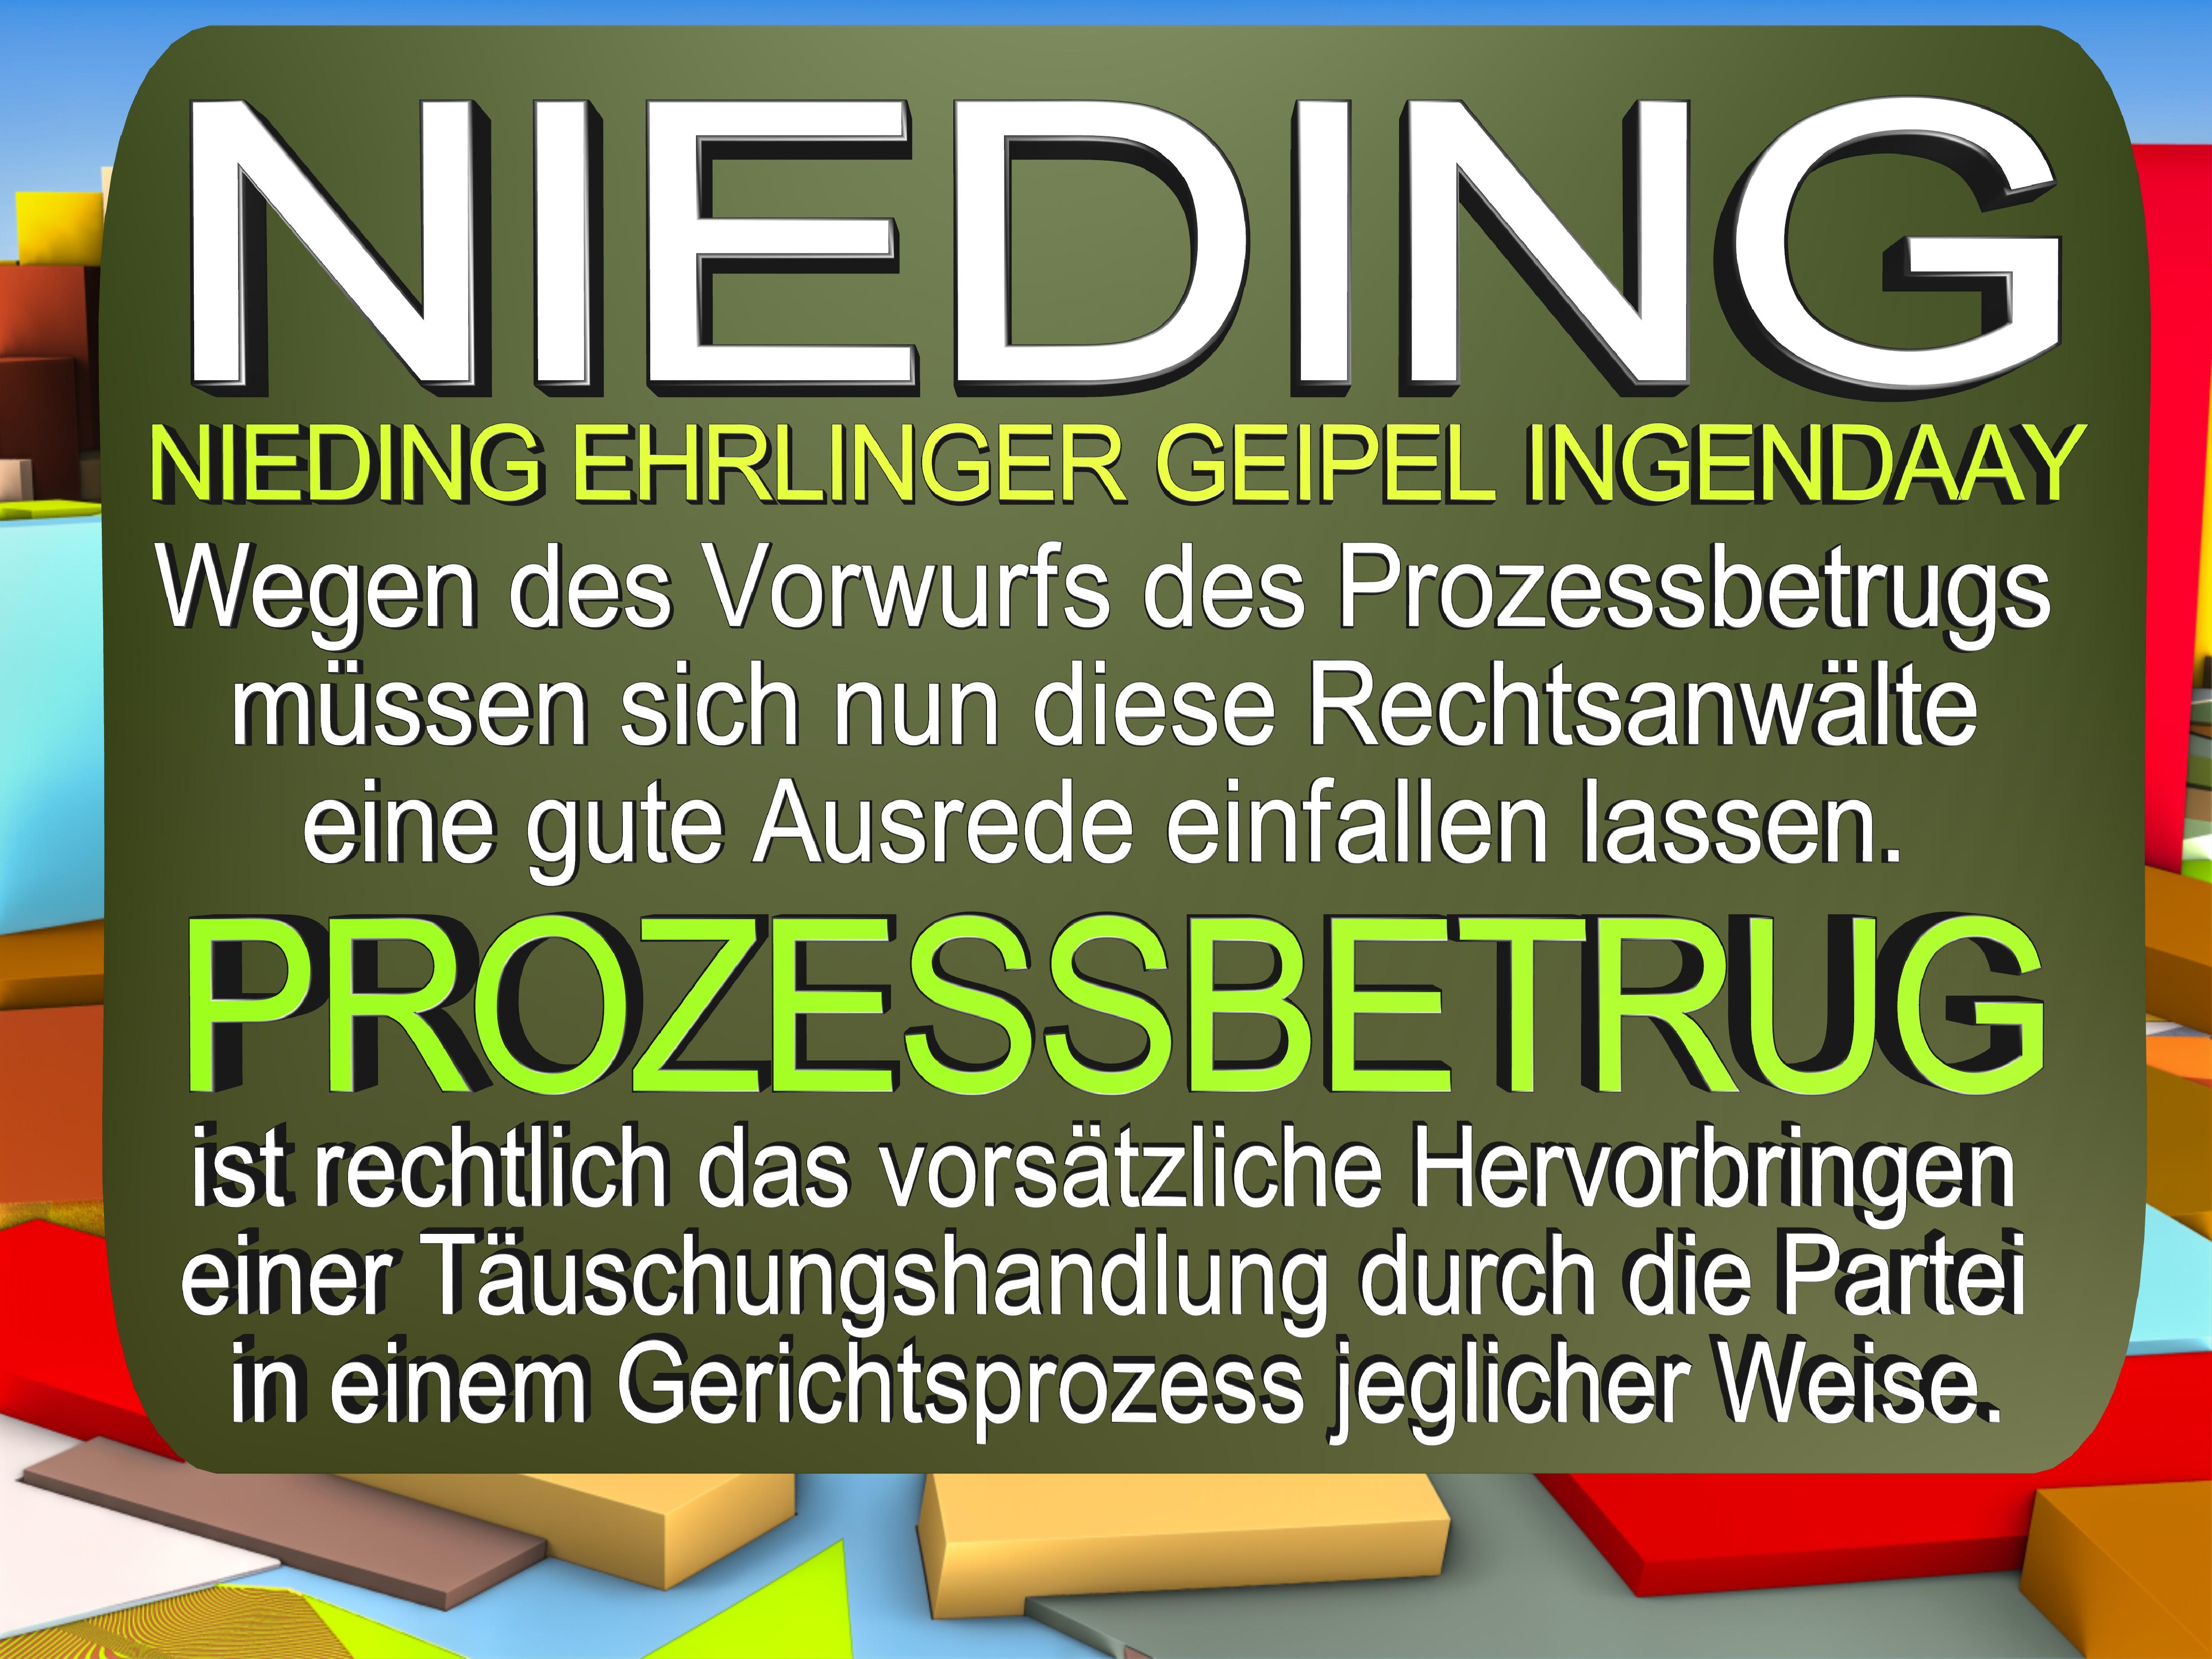 NIEDING EHRLINGER GEIPEL INGENDAAY LELKE Kurfürstendamm 66 Berlin (113)